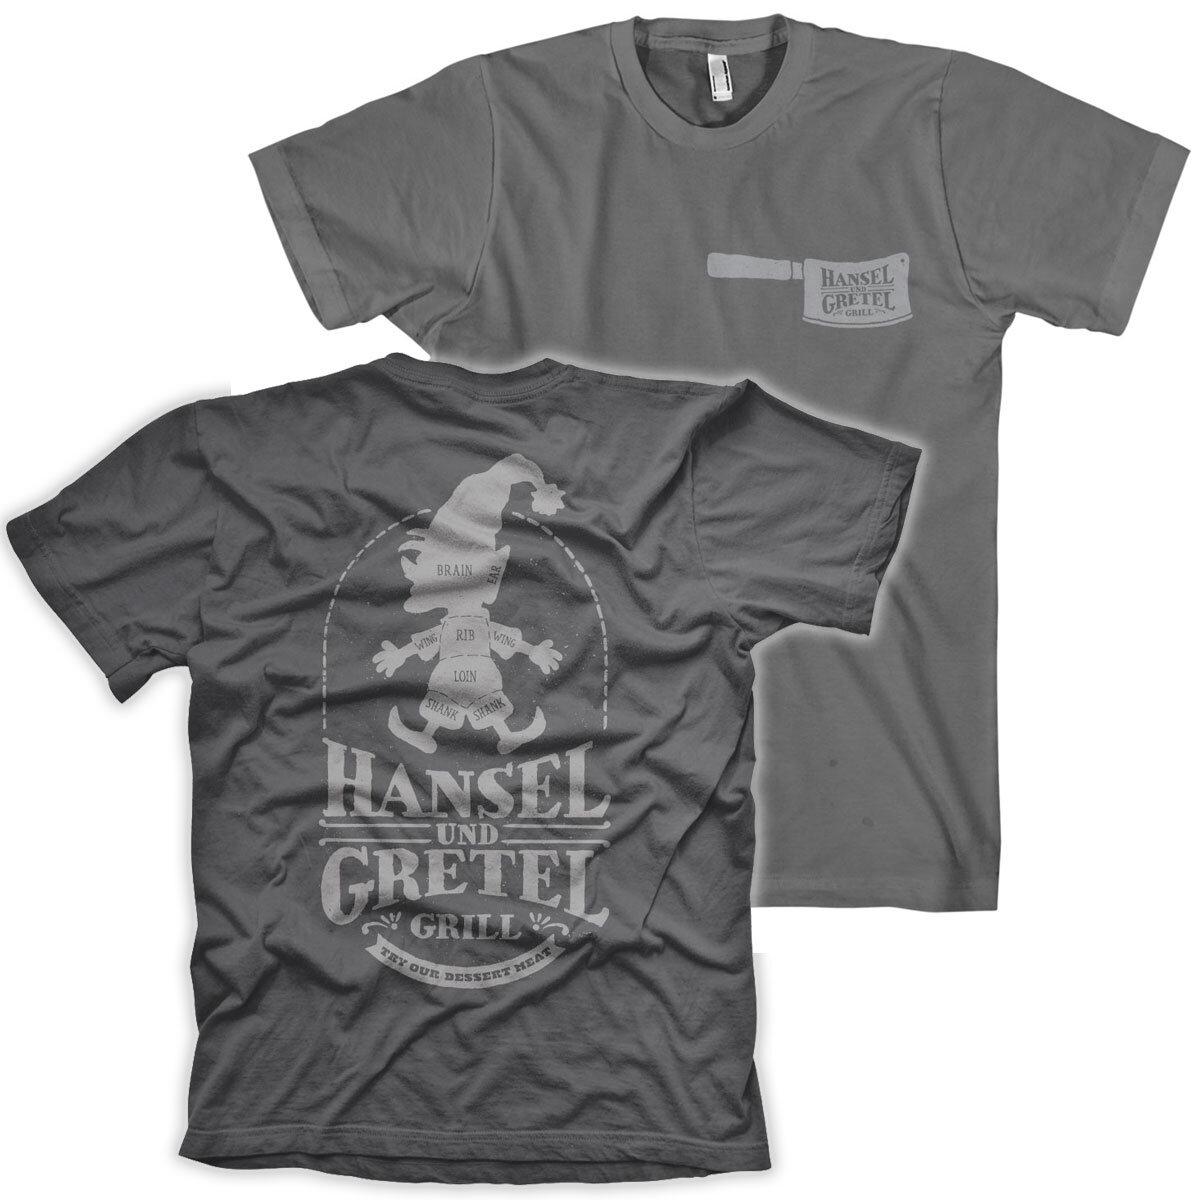 Hansel Und Gretel Grill T-Shirt